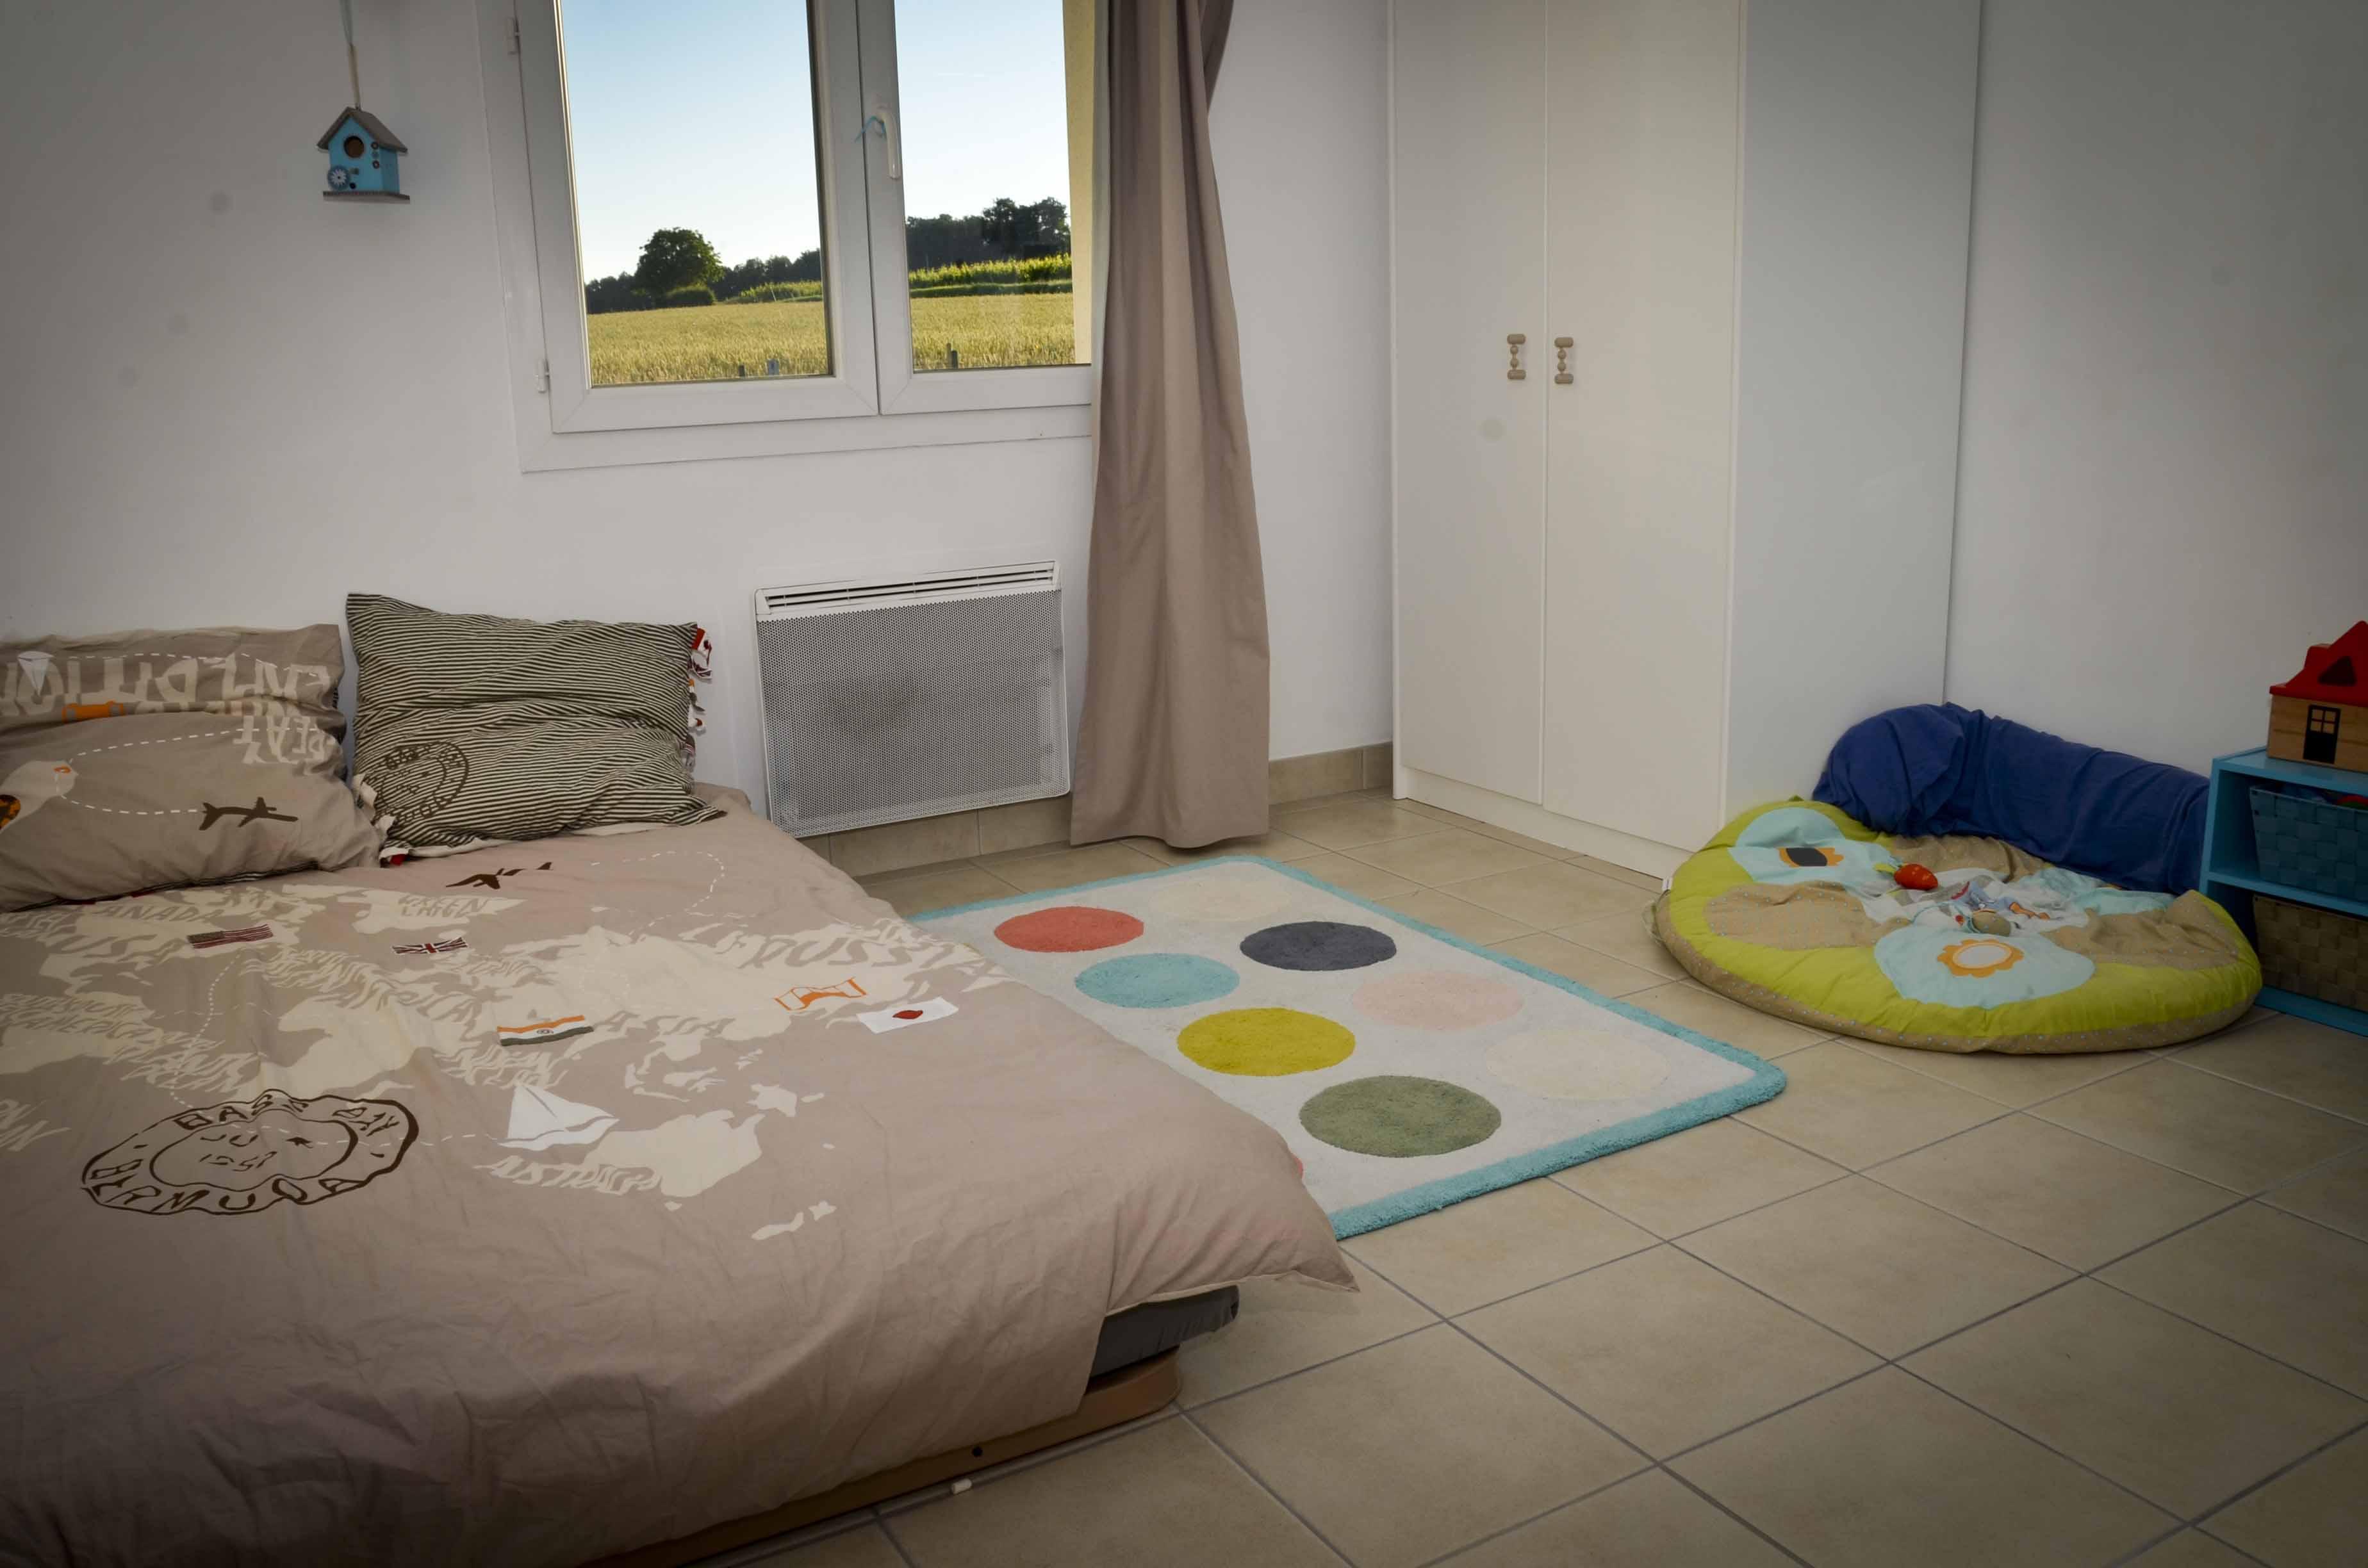 Le sommeil de l'enfant selon Maria Montessori